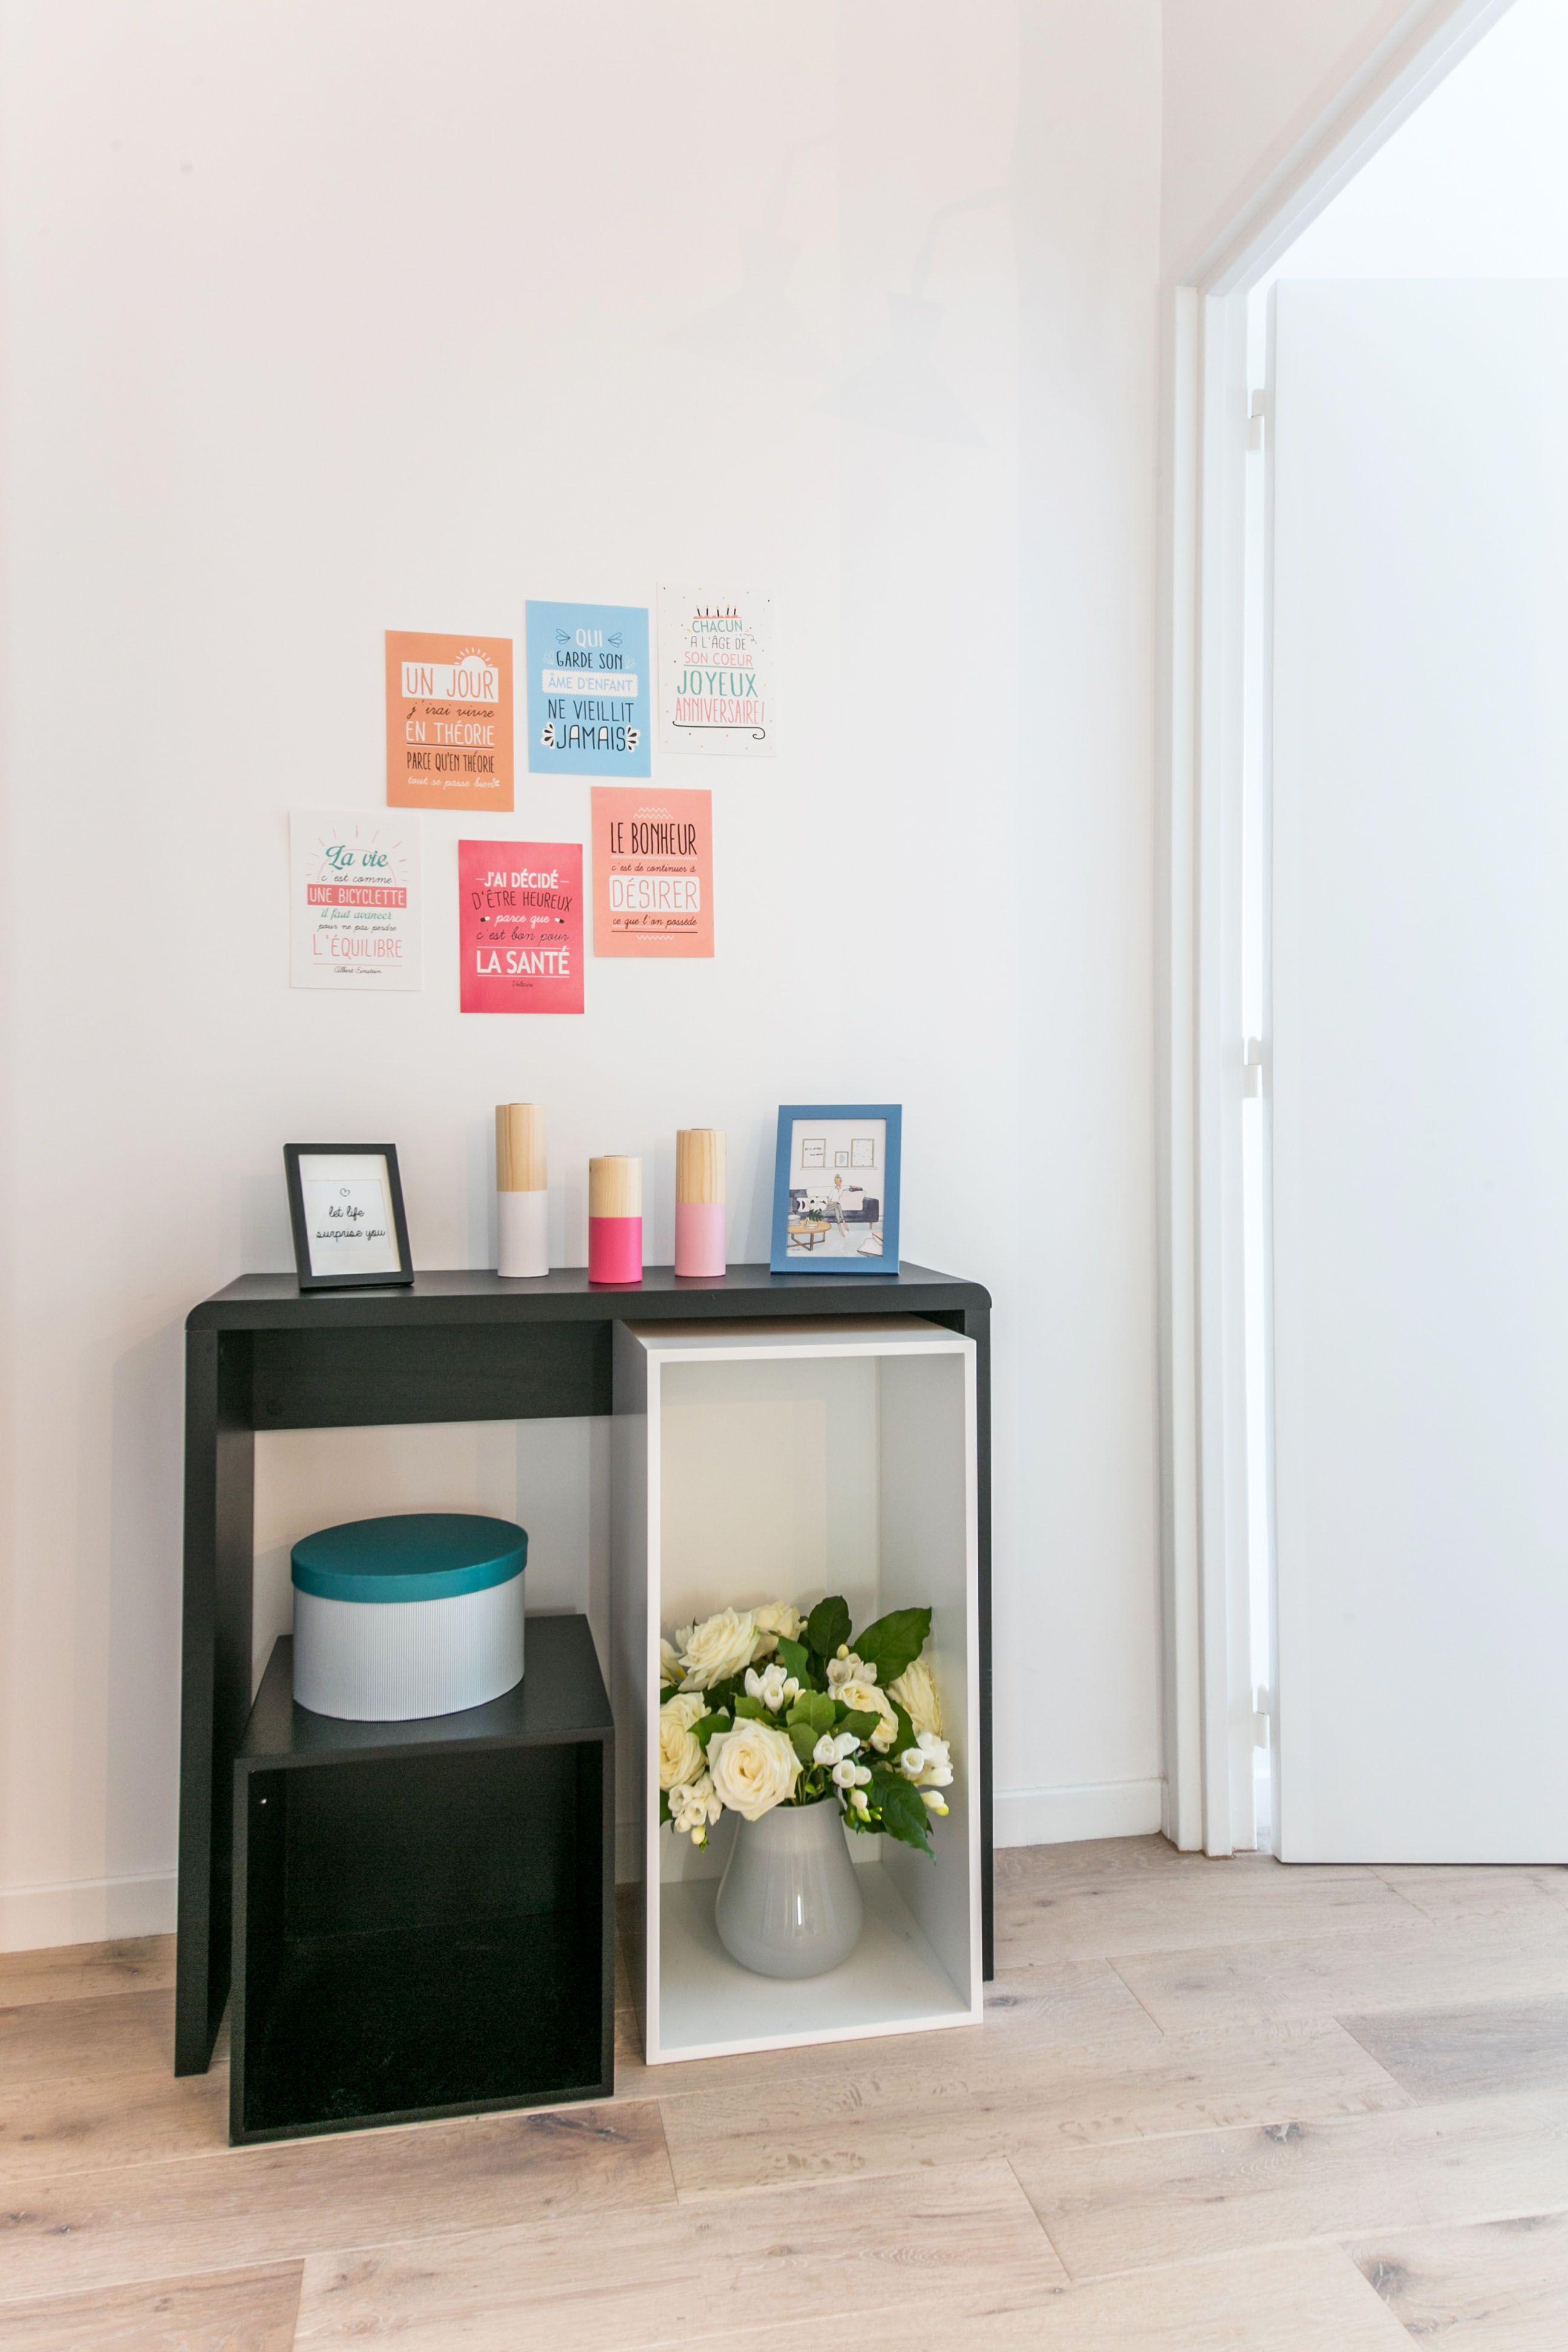 petit meuble noir r hauss de couleurs pour d corer l. Black Bedroom Furniture Sets. Home Design Ideas